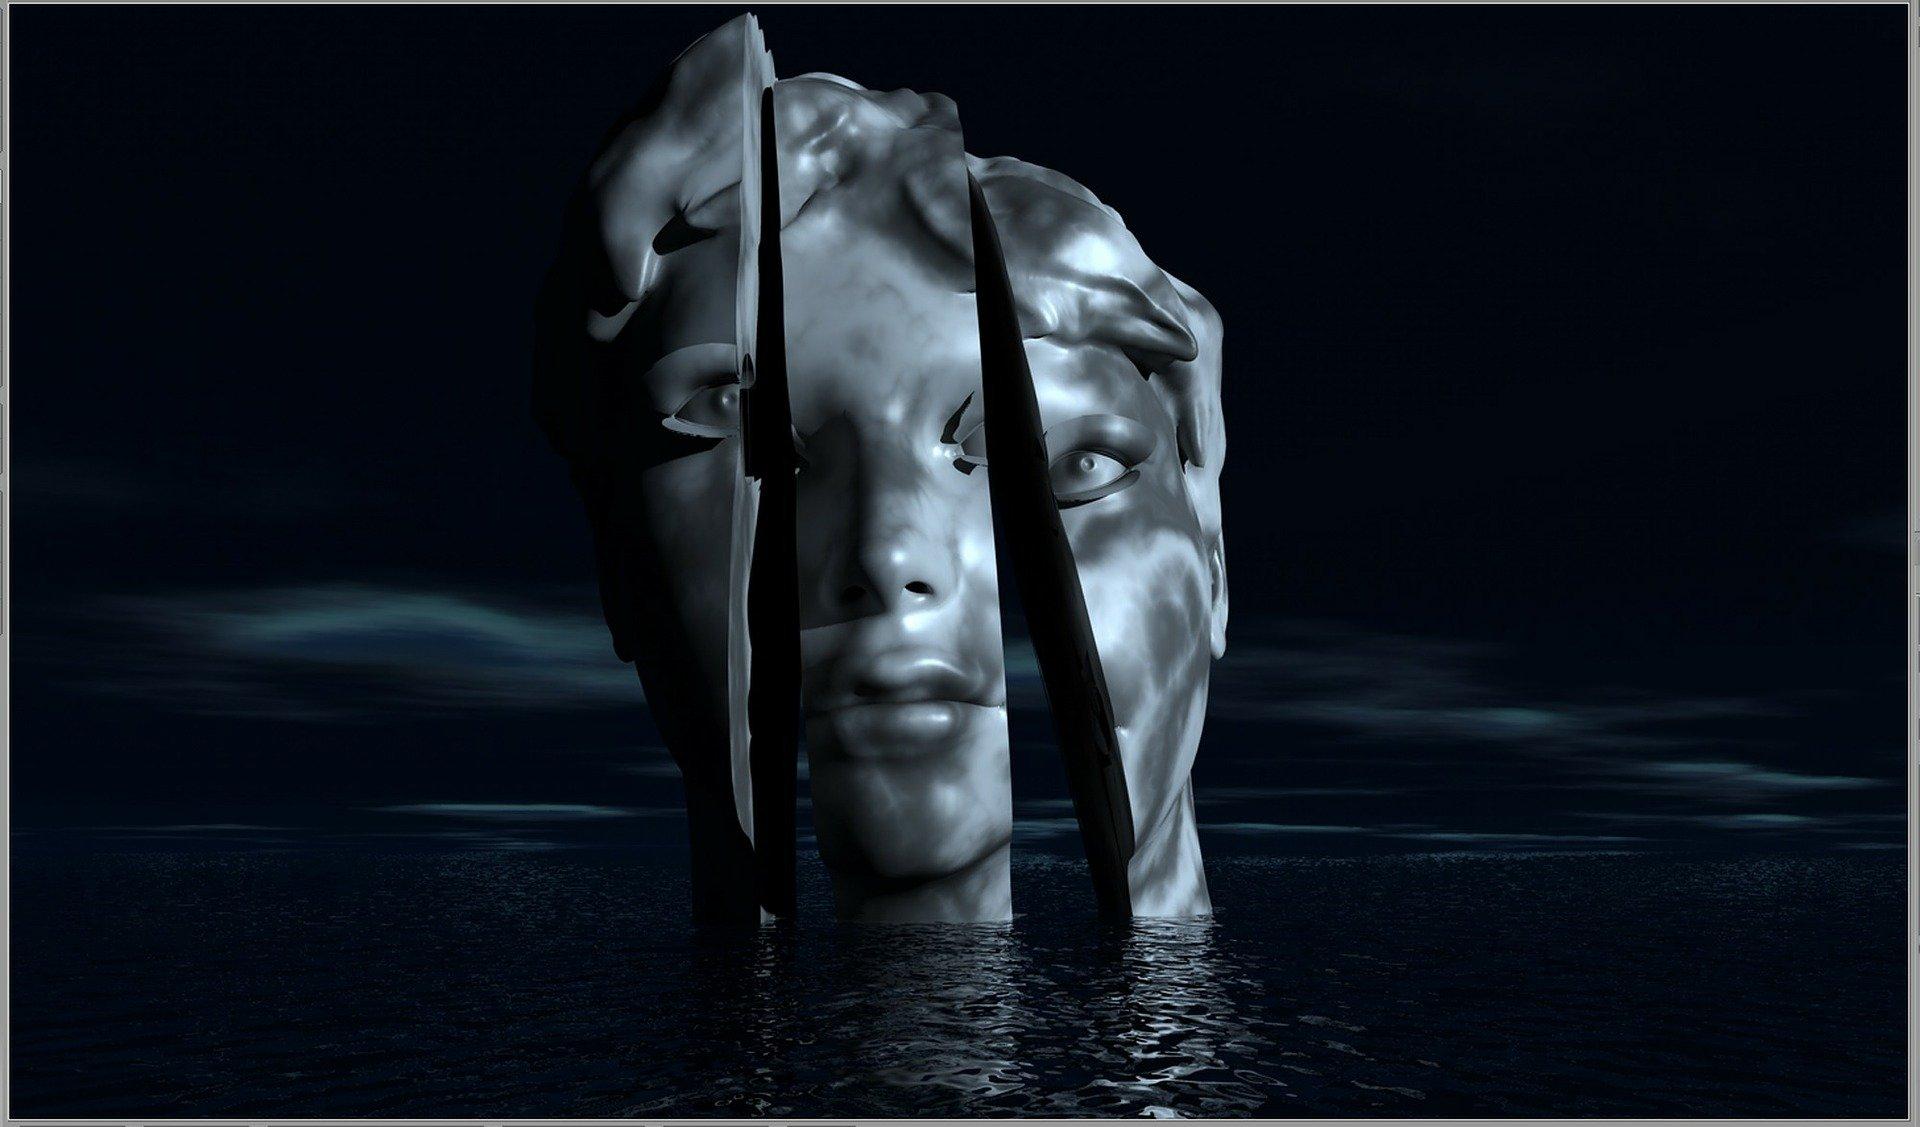 una testa in metallo tagliata in tre parti che affiora da un lago